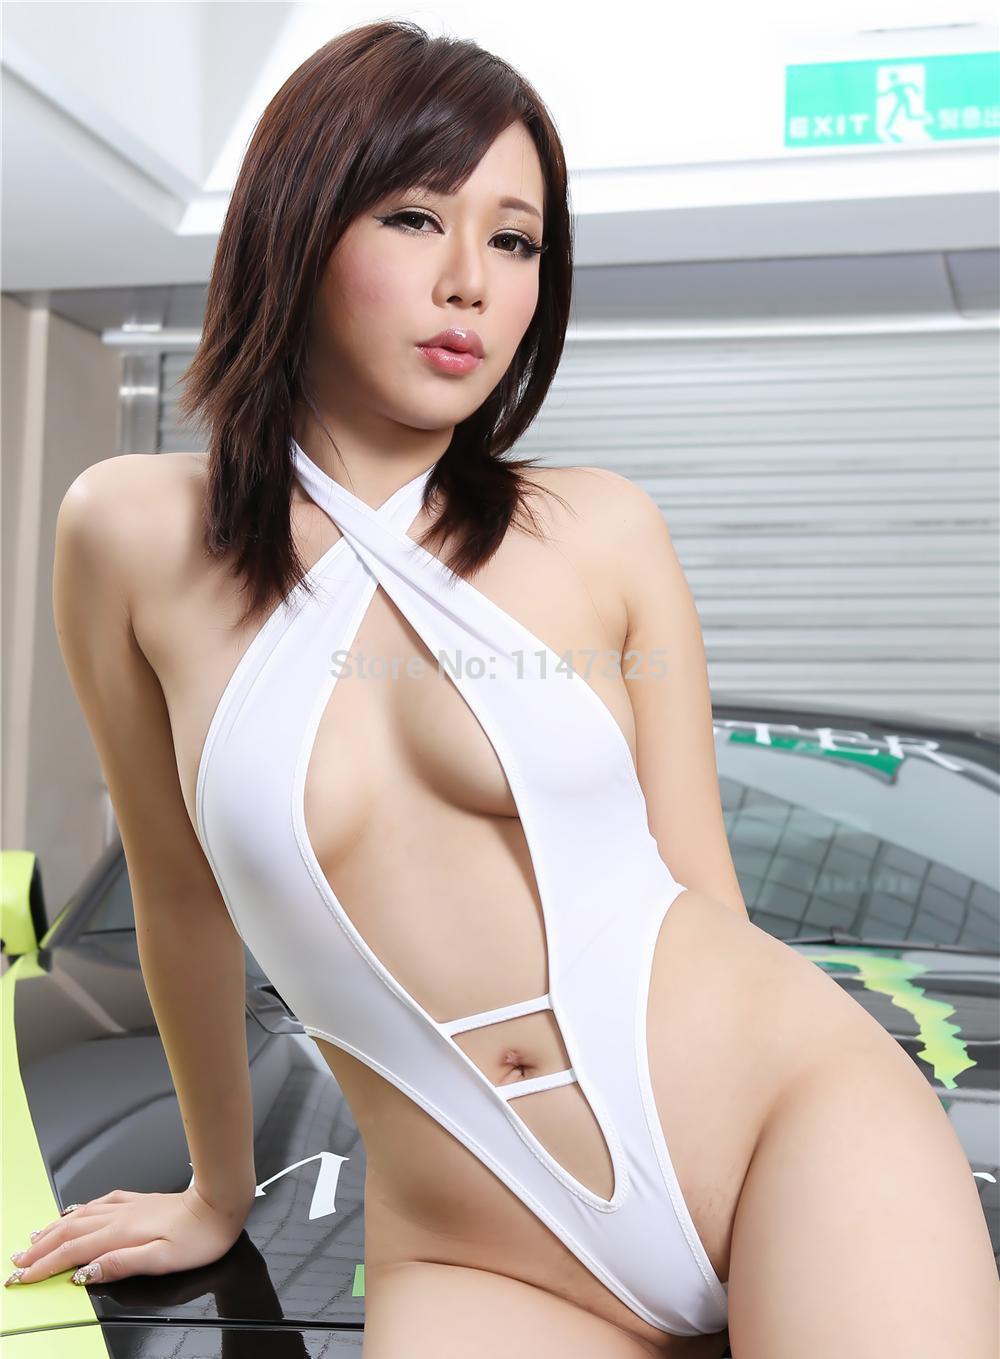 Lingerie Sex Sites 31